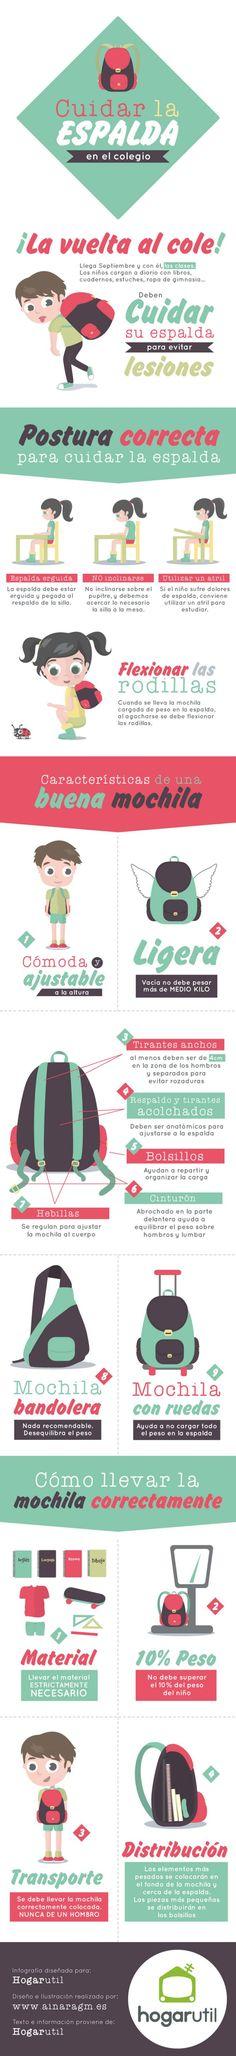 Cuidar las posturas en clase y llevar una buena mochila es esencial para prevenir problemas de espalda en los niños.